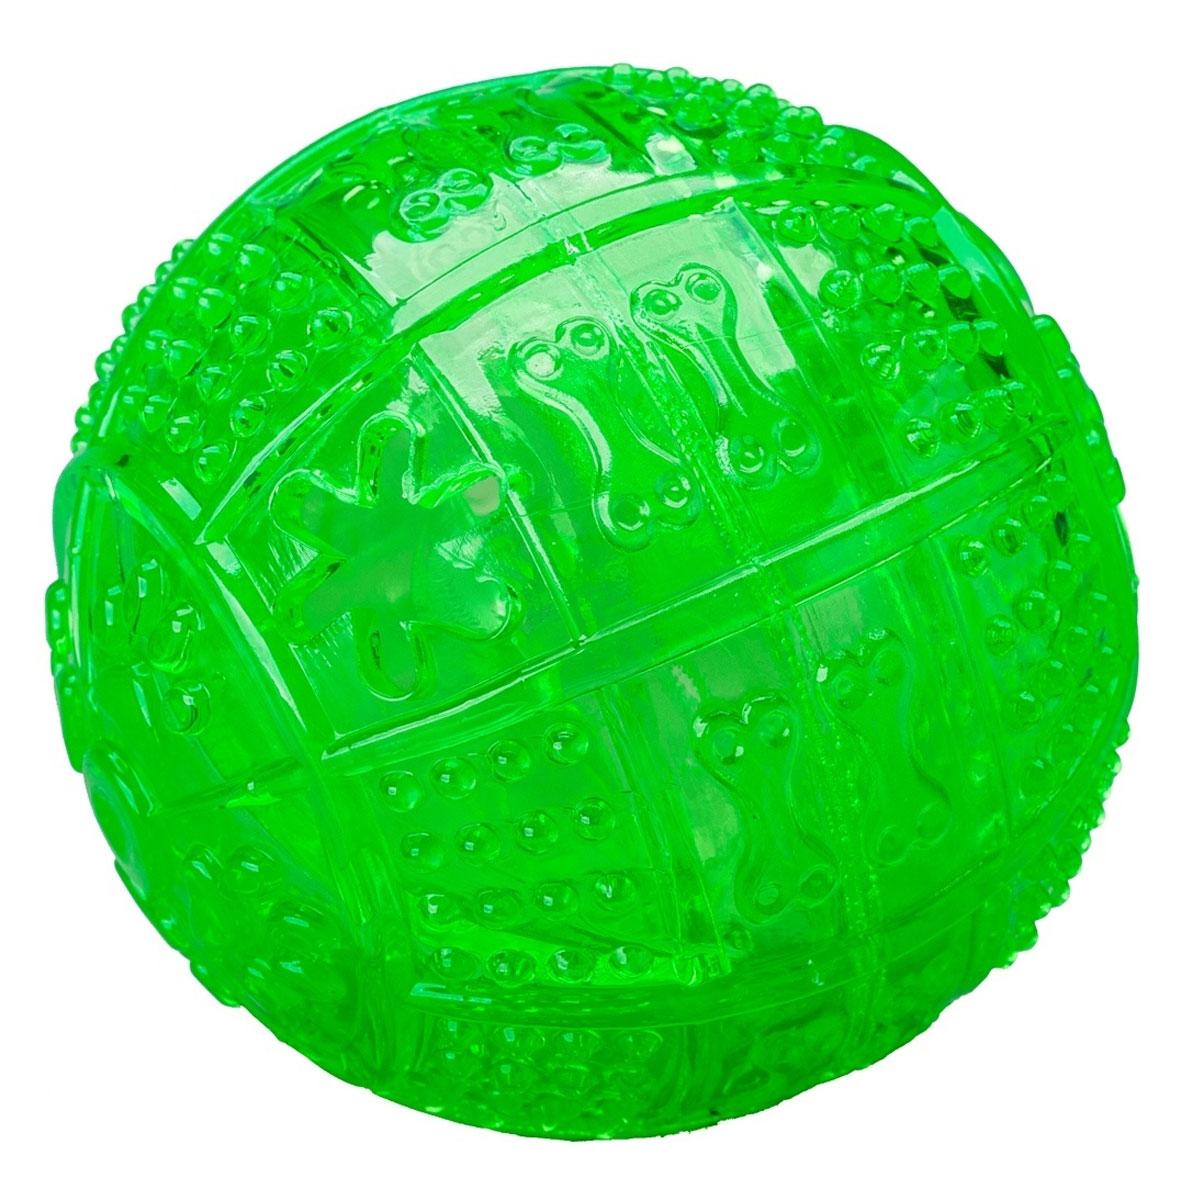 Игрушка для собак Pet Supplies Toby's Choice, цвет: зеленый, диаметр 8,2 см10740.зелИгрушка для собак Pet Supplies Toby's Choice выполнена из резины в виде мяча. Она надолго займет вашего любимца, избавив его от скуки. Игрушка позволяет равномерно распределить угощение и корм за счет лабиринта внутри, поэтому лакомства достанутся питомцу не так быстро, и это продлит его игру. Диаметр игрушки: 8,2 см.